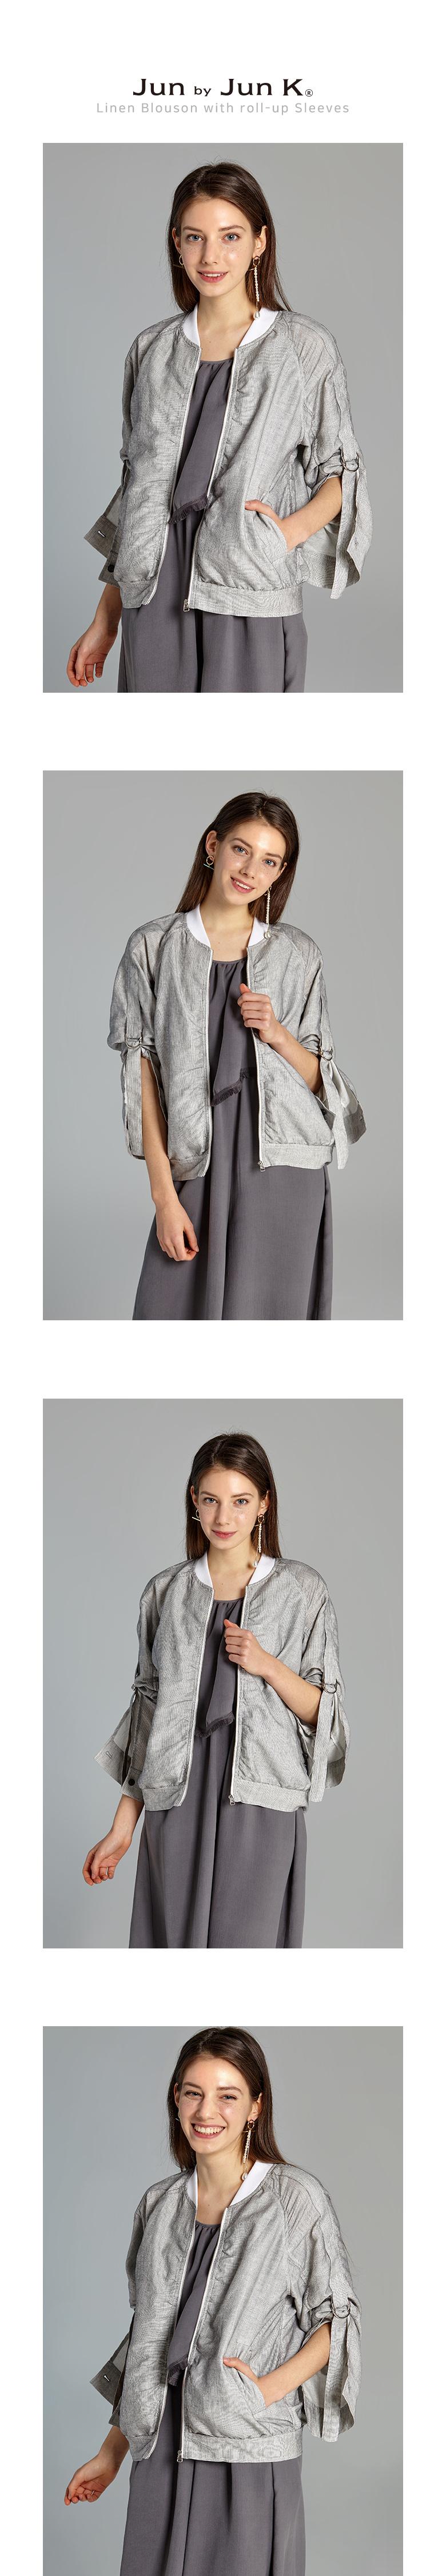 준바이준케이(JUN BY JUN K) Linen Blouson with roll-up Sleeves(Ivory)